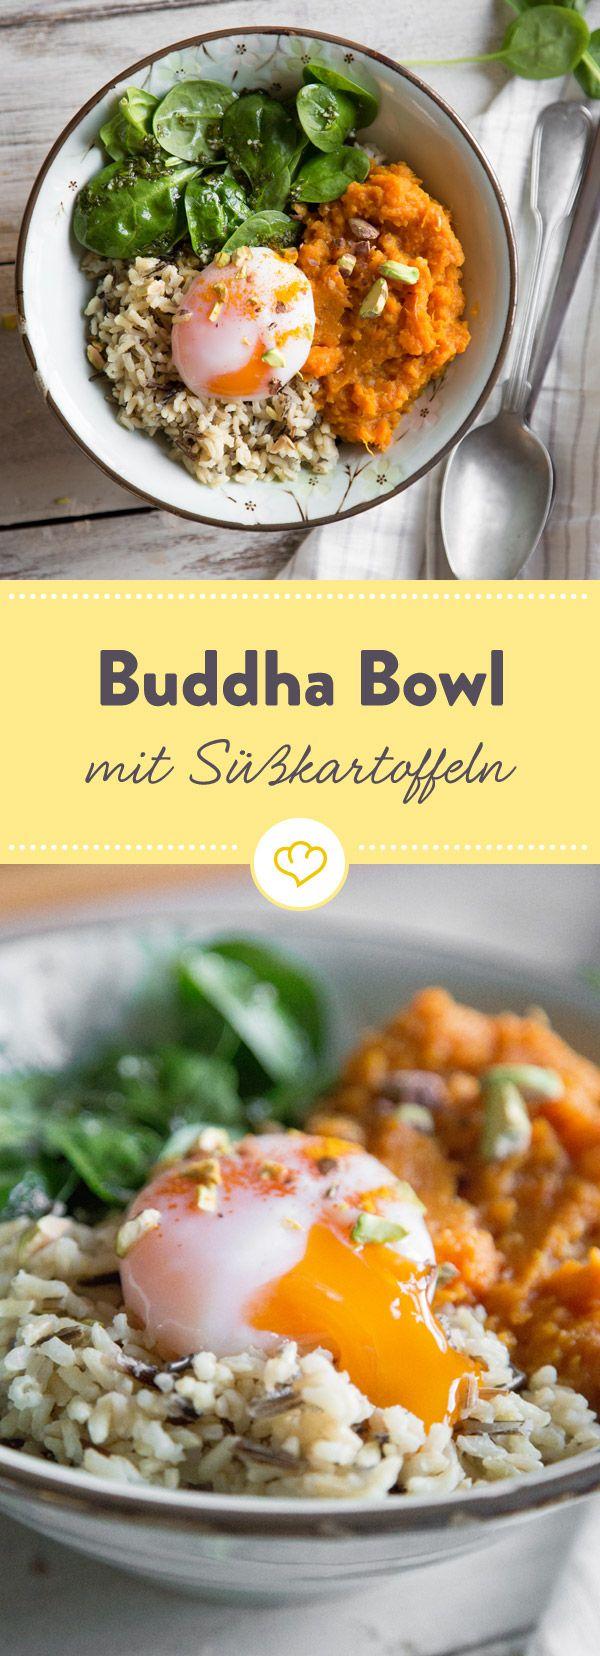 Kurkuma-Süßkartoffeln, eine Handvoll Spinat, aromatischer brauner Reis und ein perfekt pochiertes Ei - fertig ist deine bunte, herzhafte Buddha Bowl.